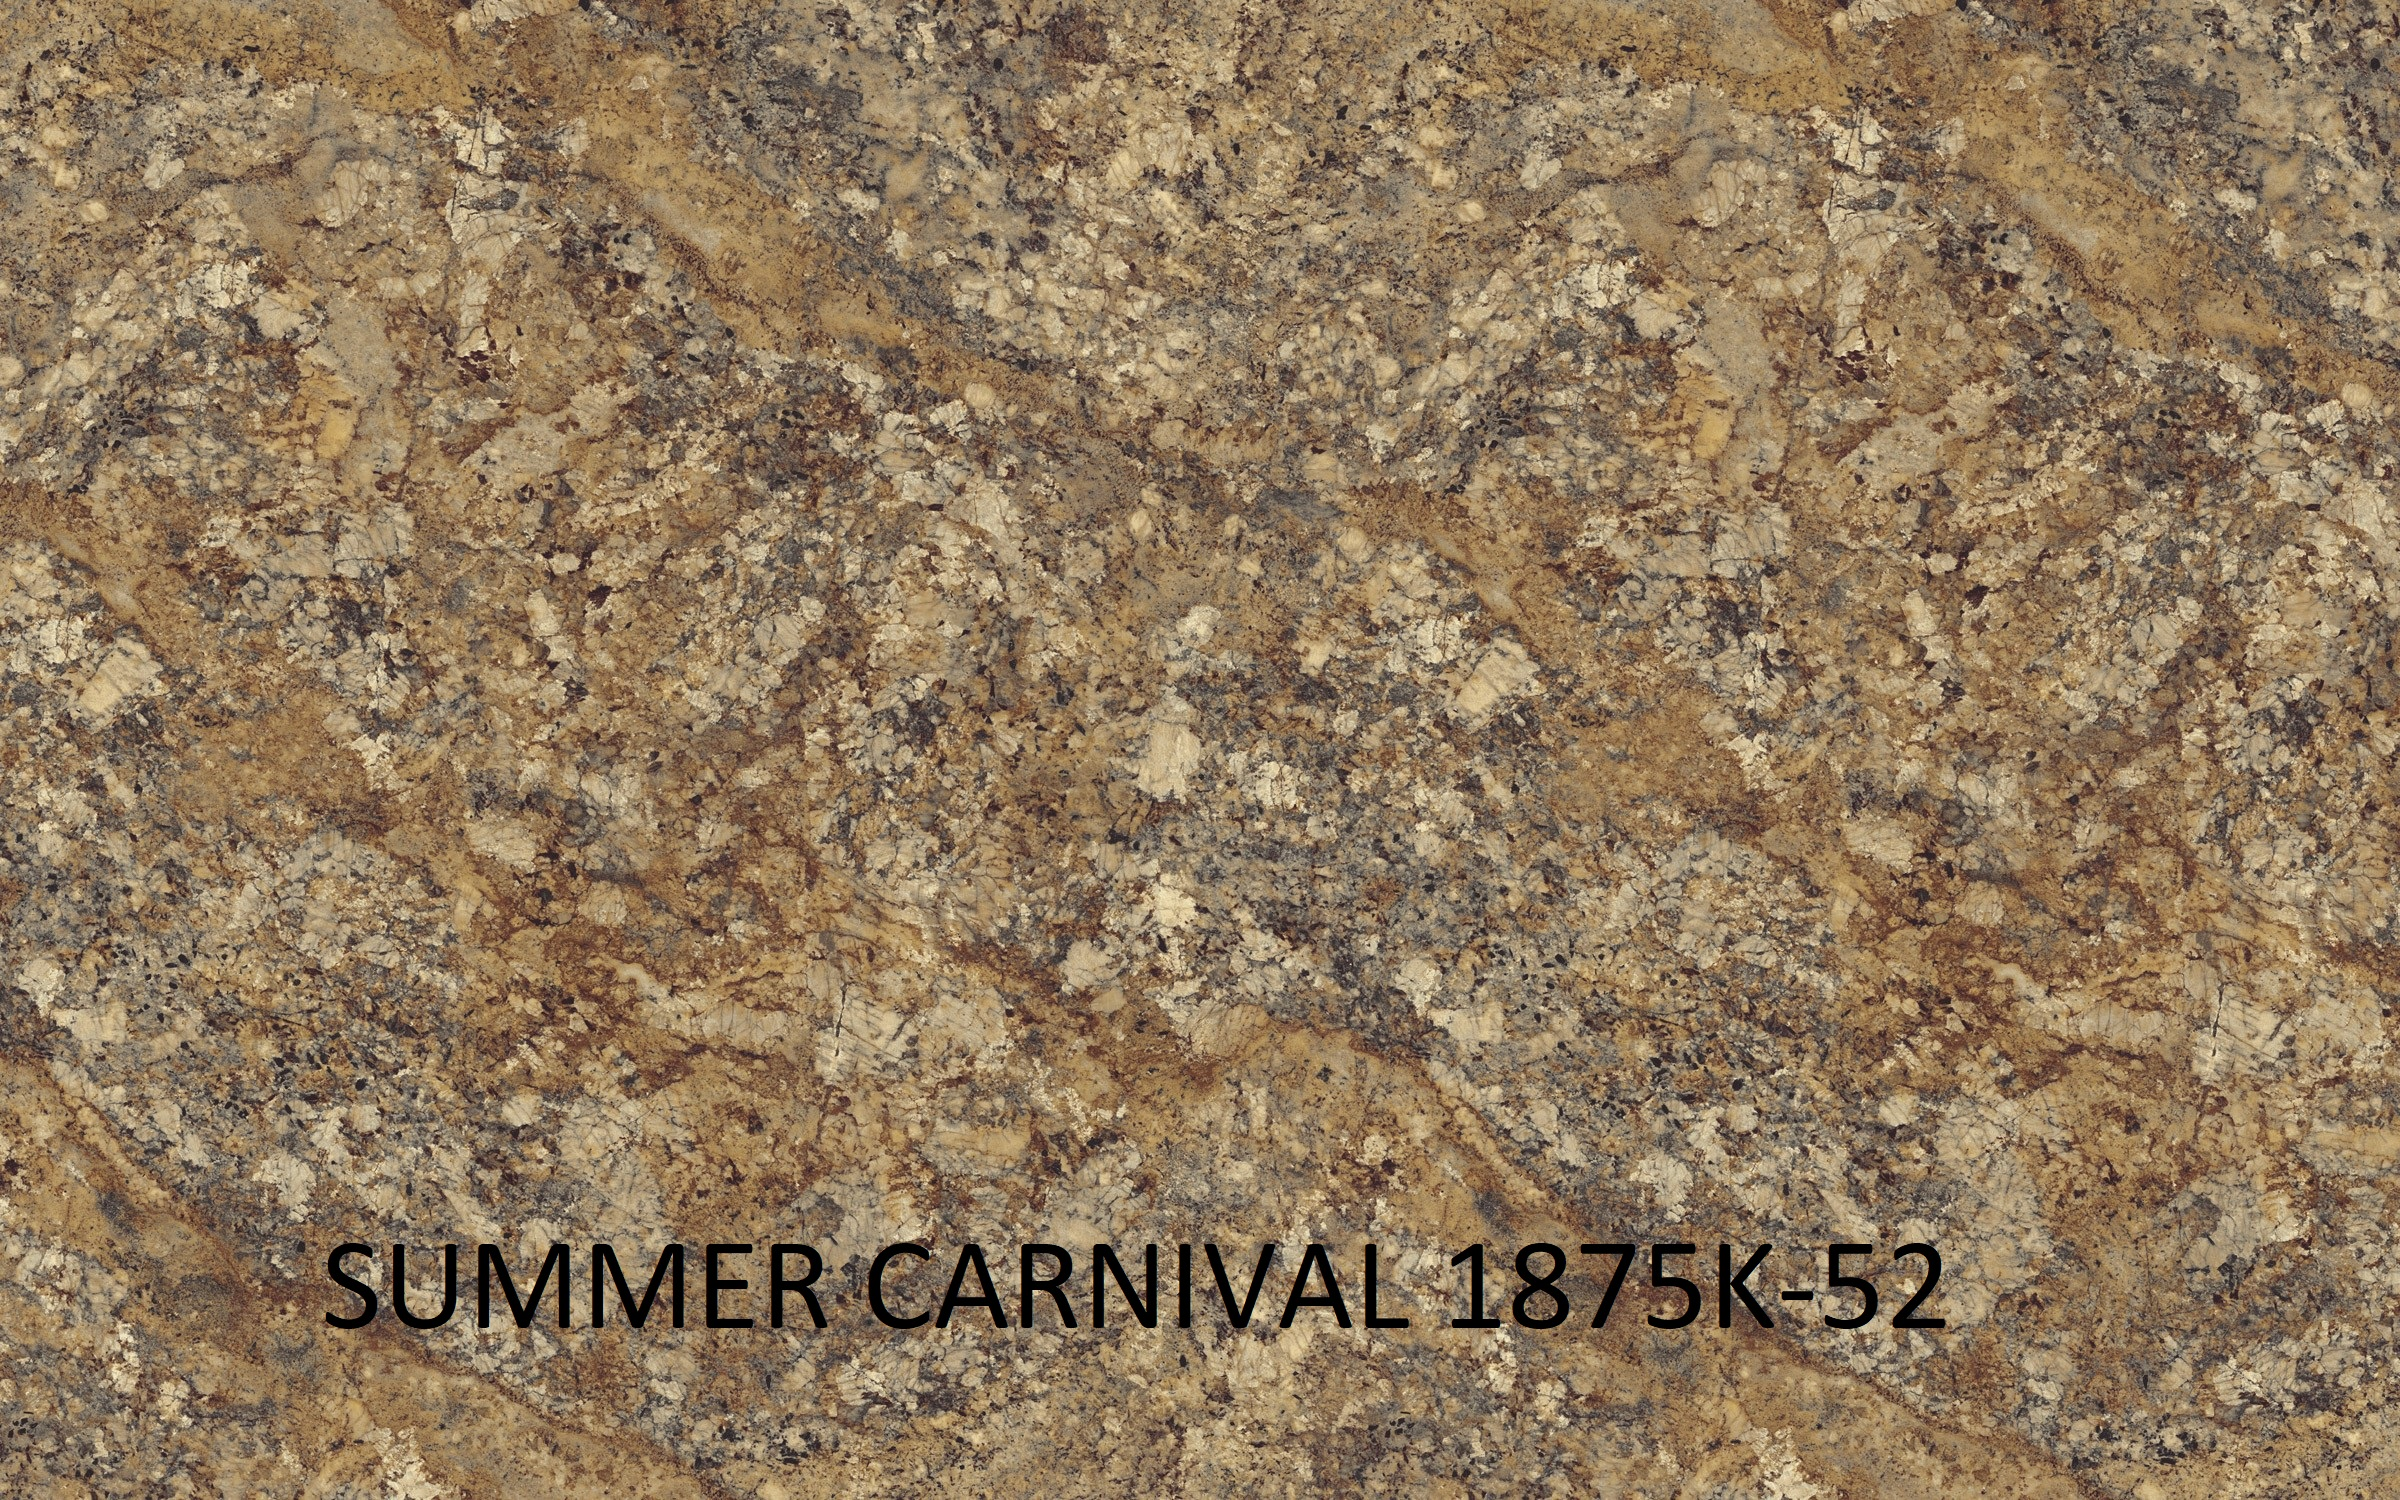 1875 Summer Carnival.jpg